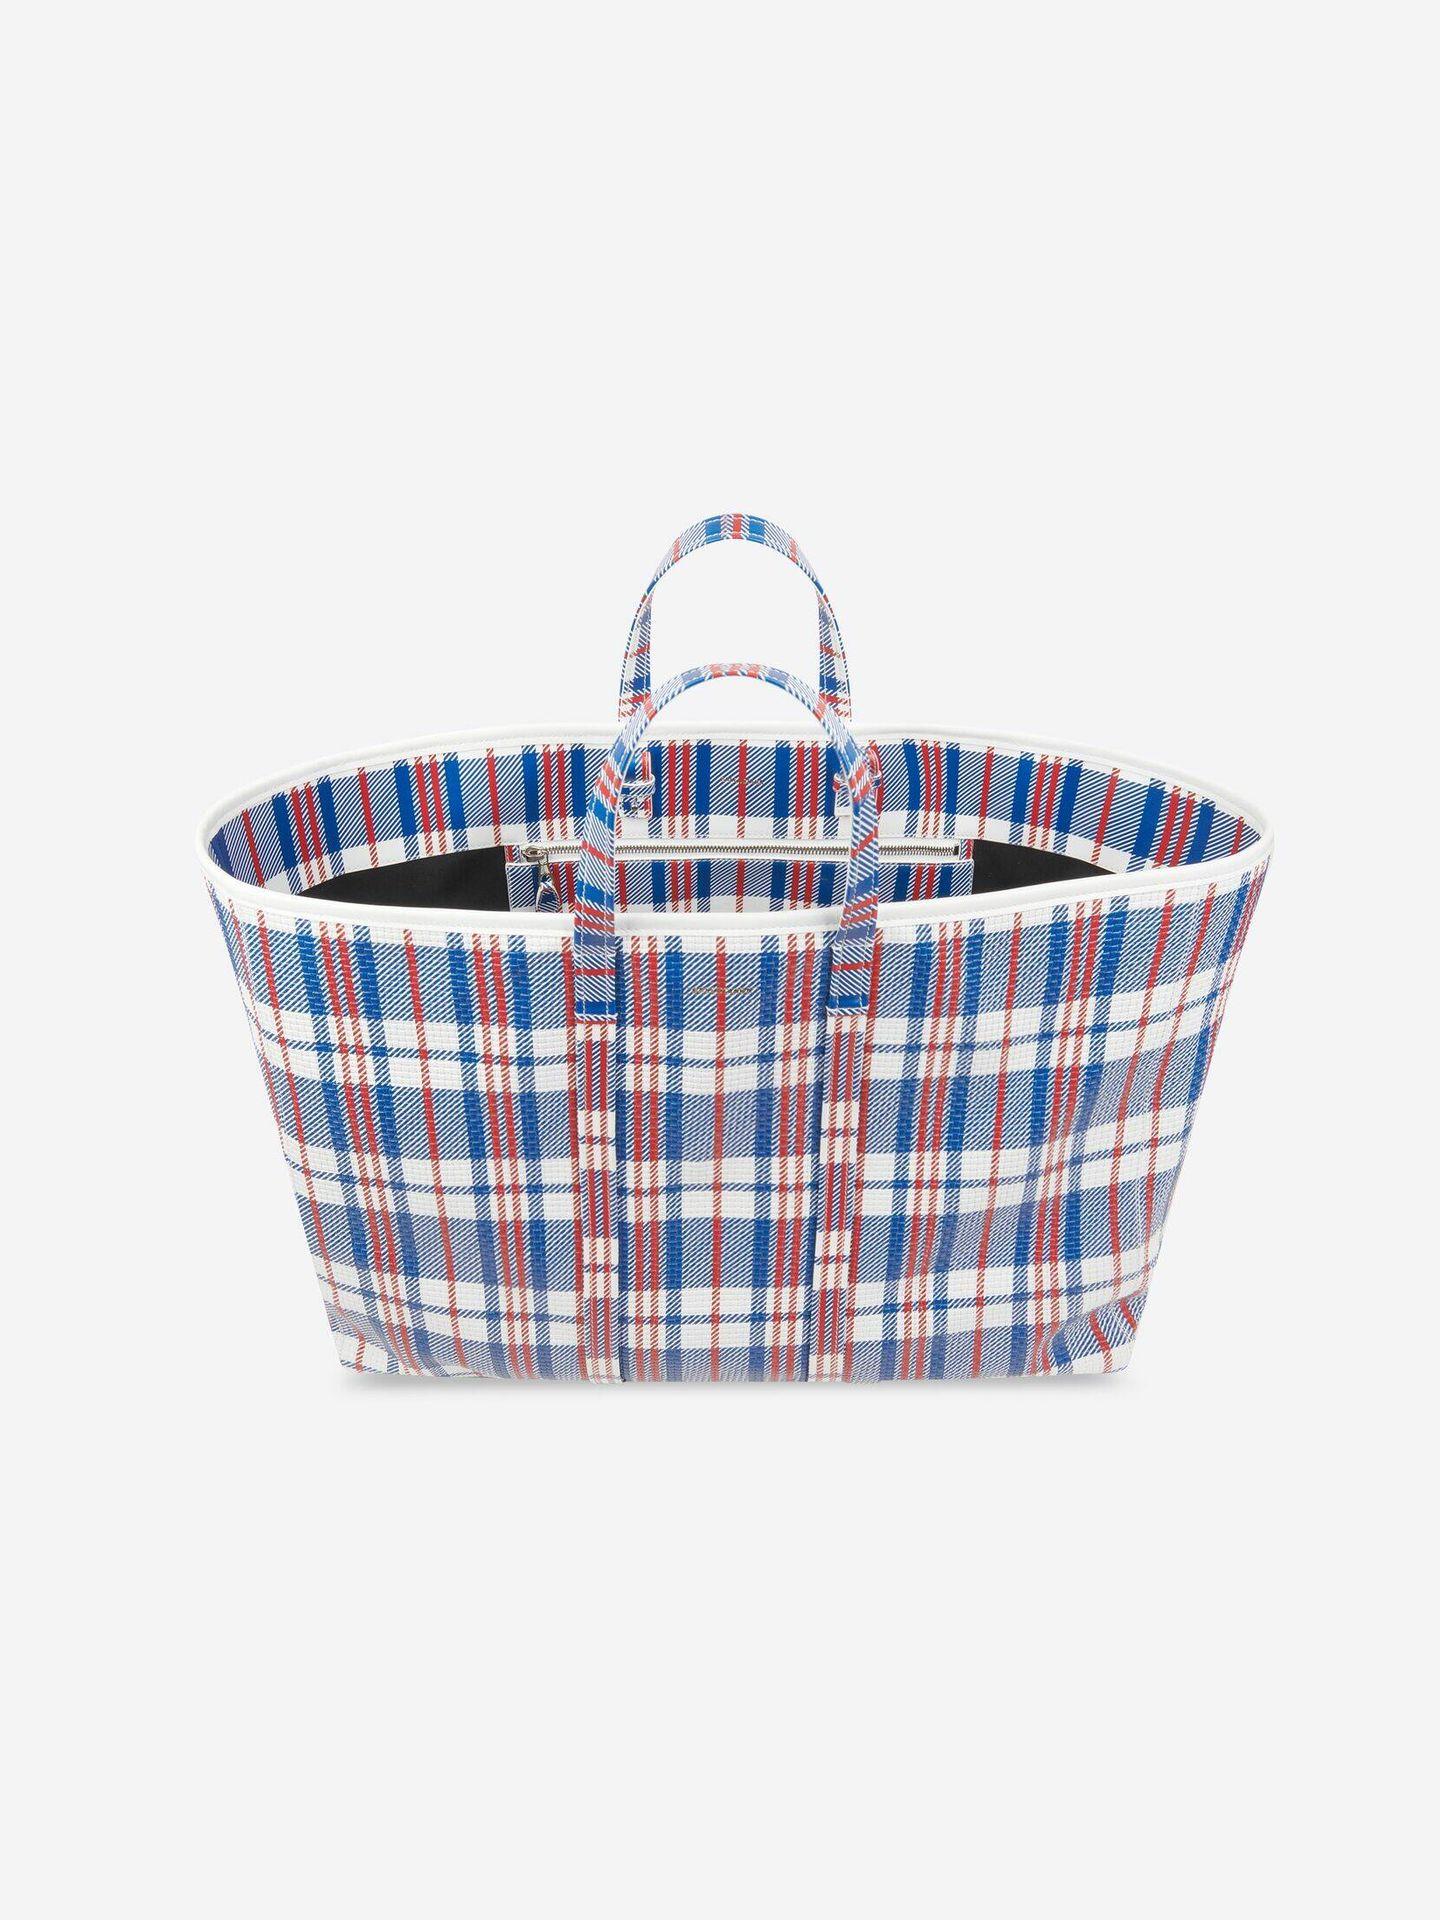 La bolsa de la compra de Balenciaga. (Cortesía)